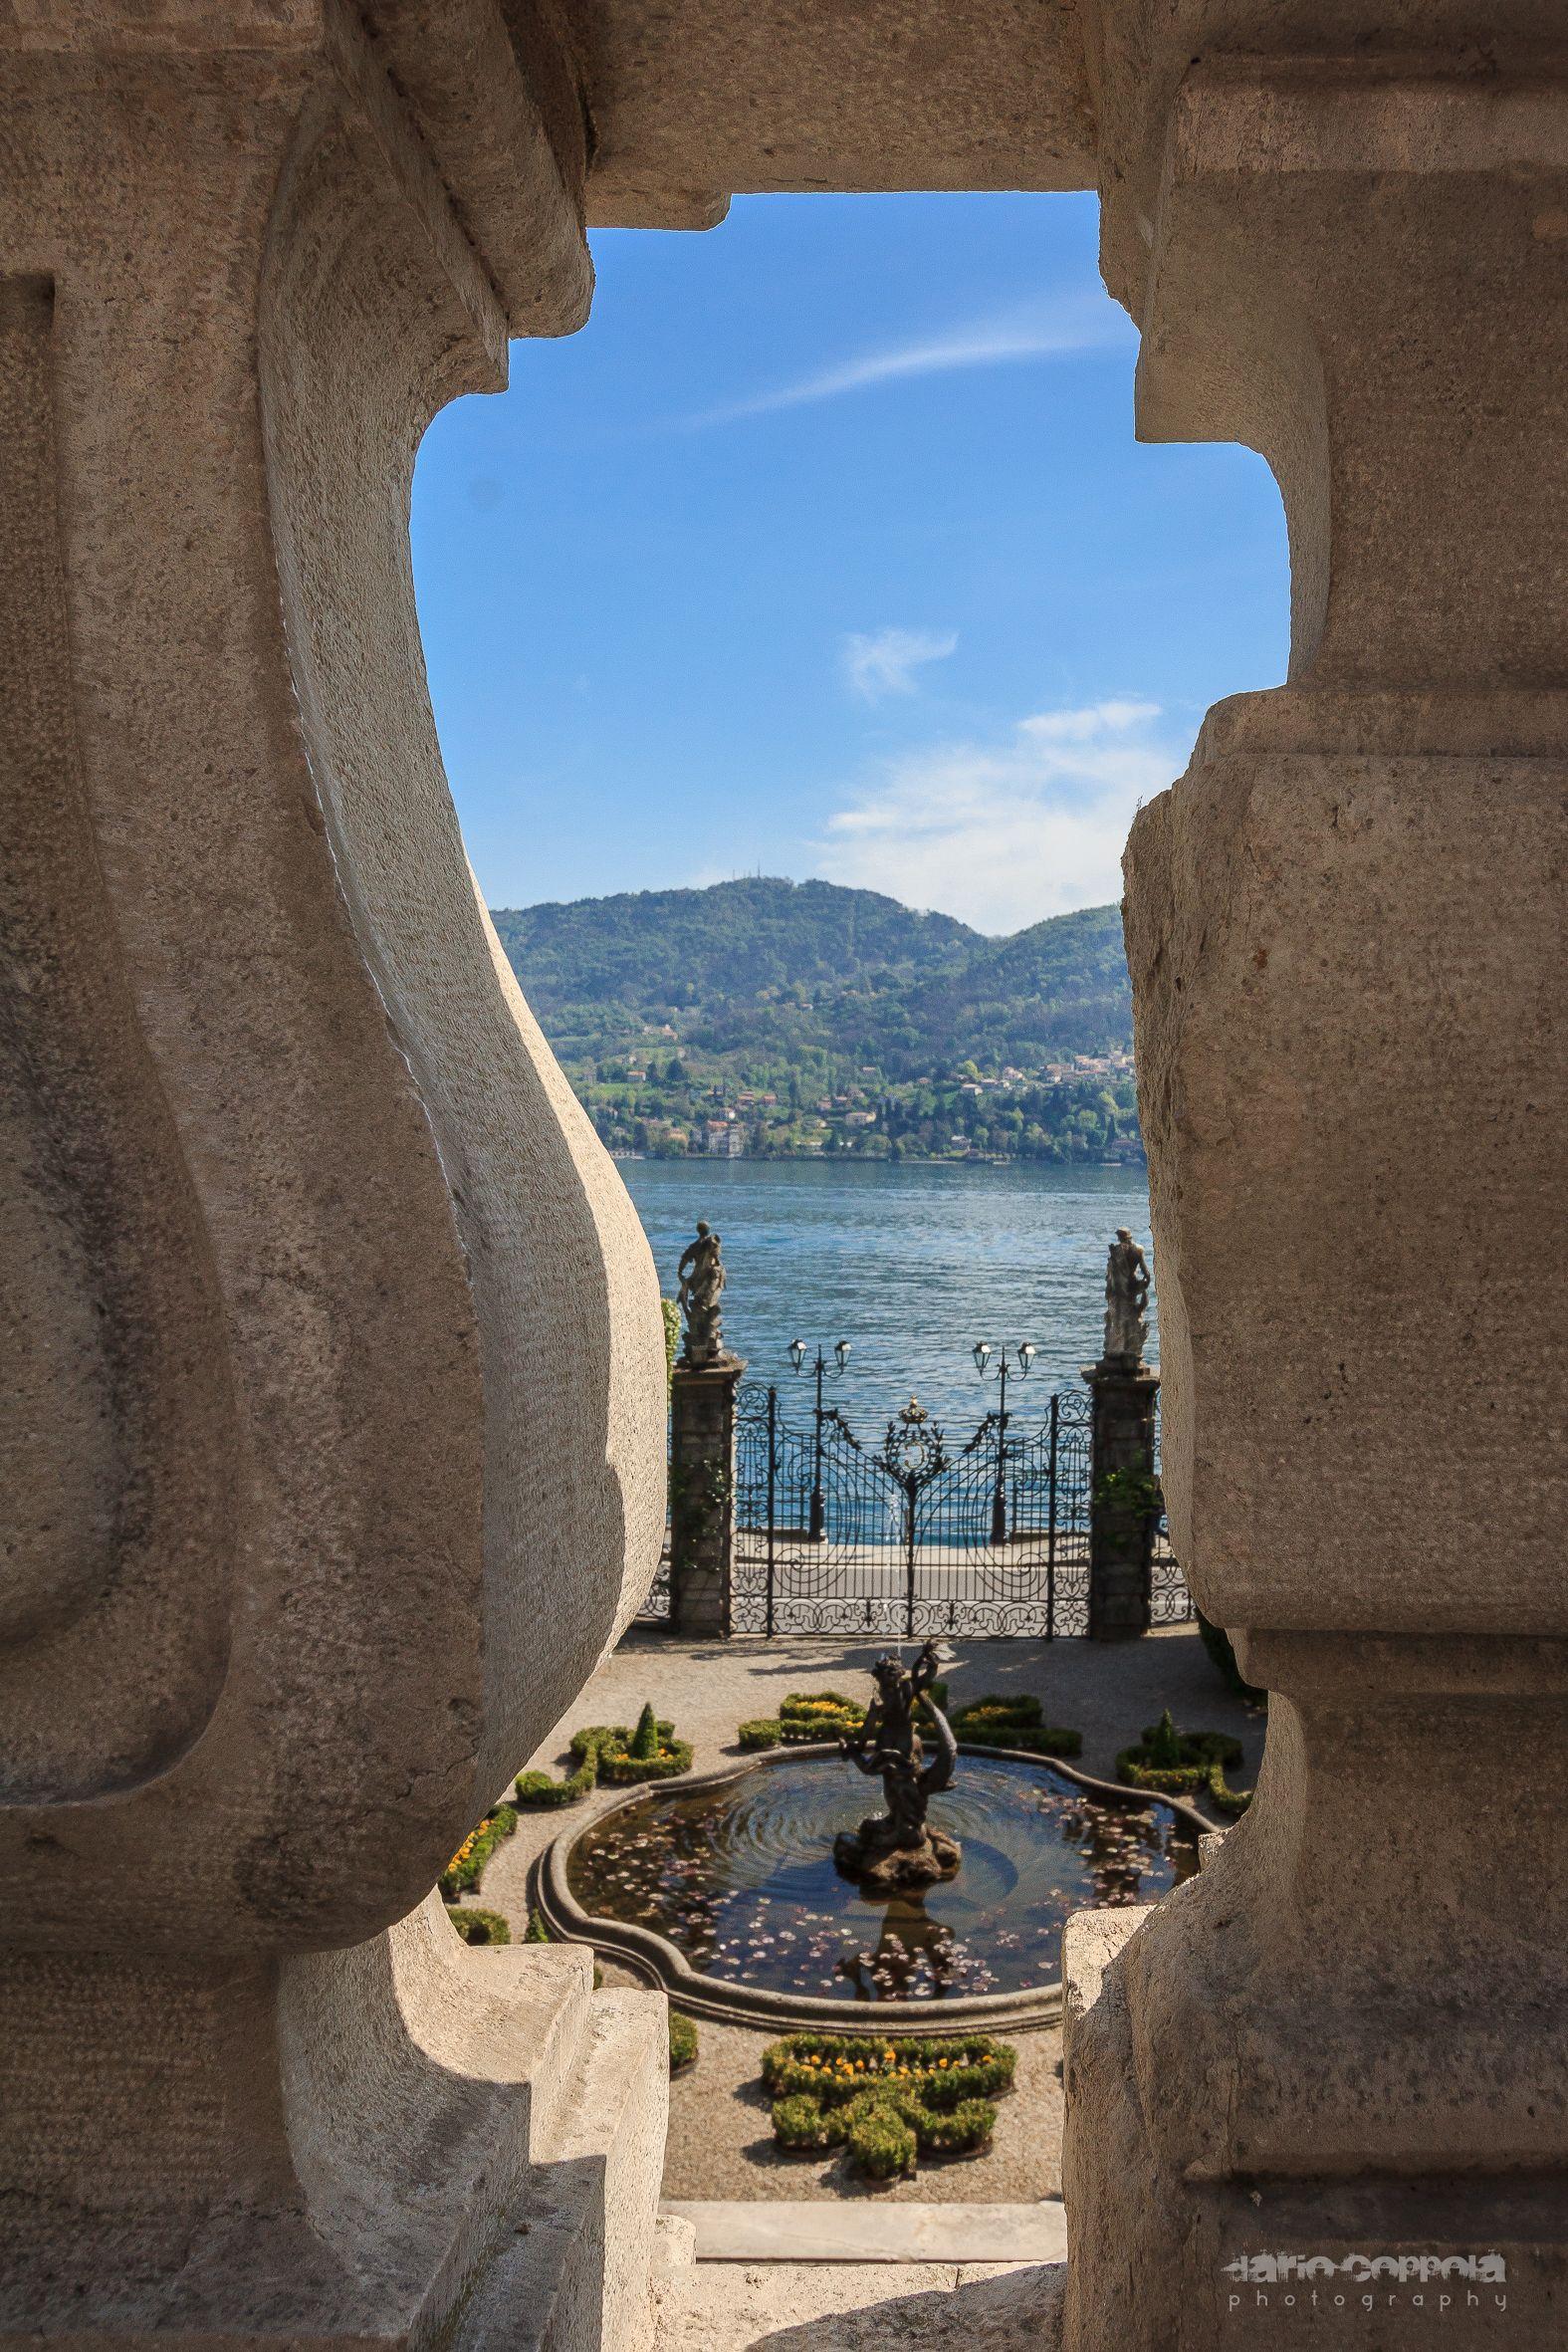 vista desde la ventana, Lake Como, Italy